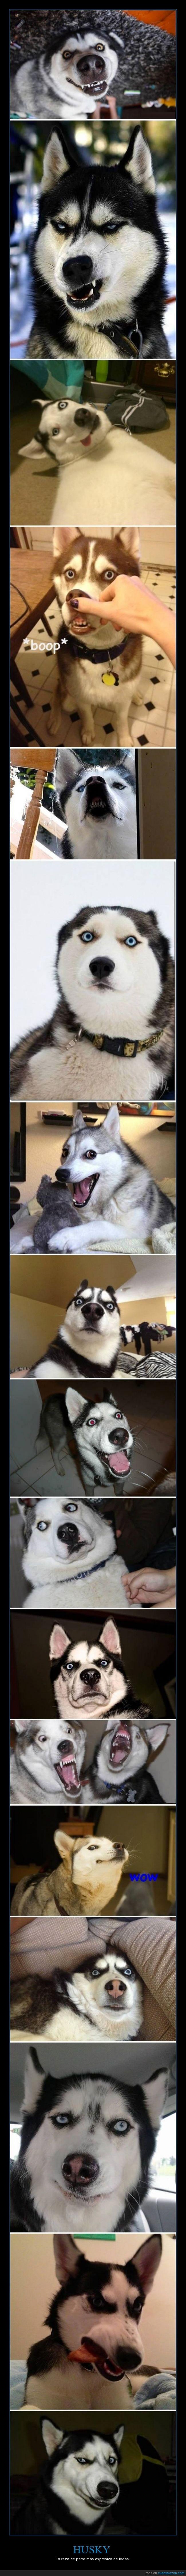 cara,expresion,expresivo,husky,perro,sorpresa